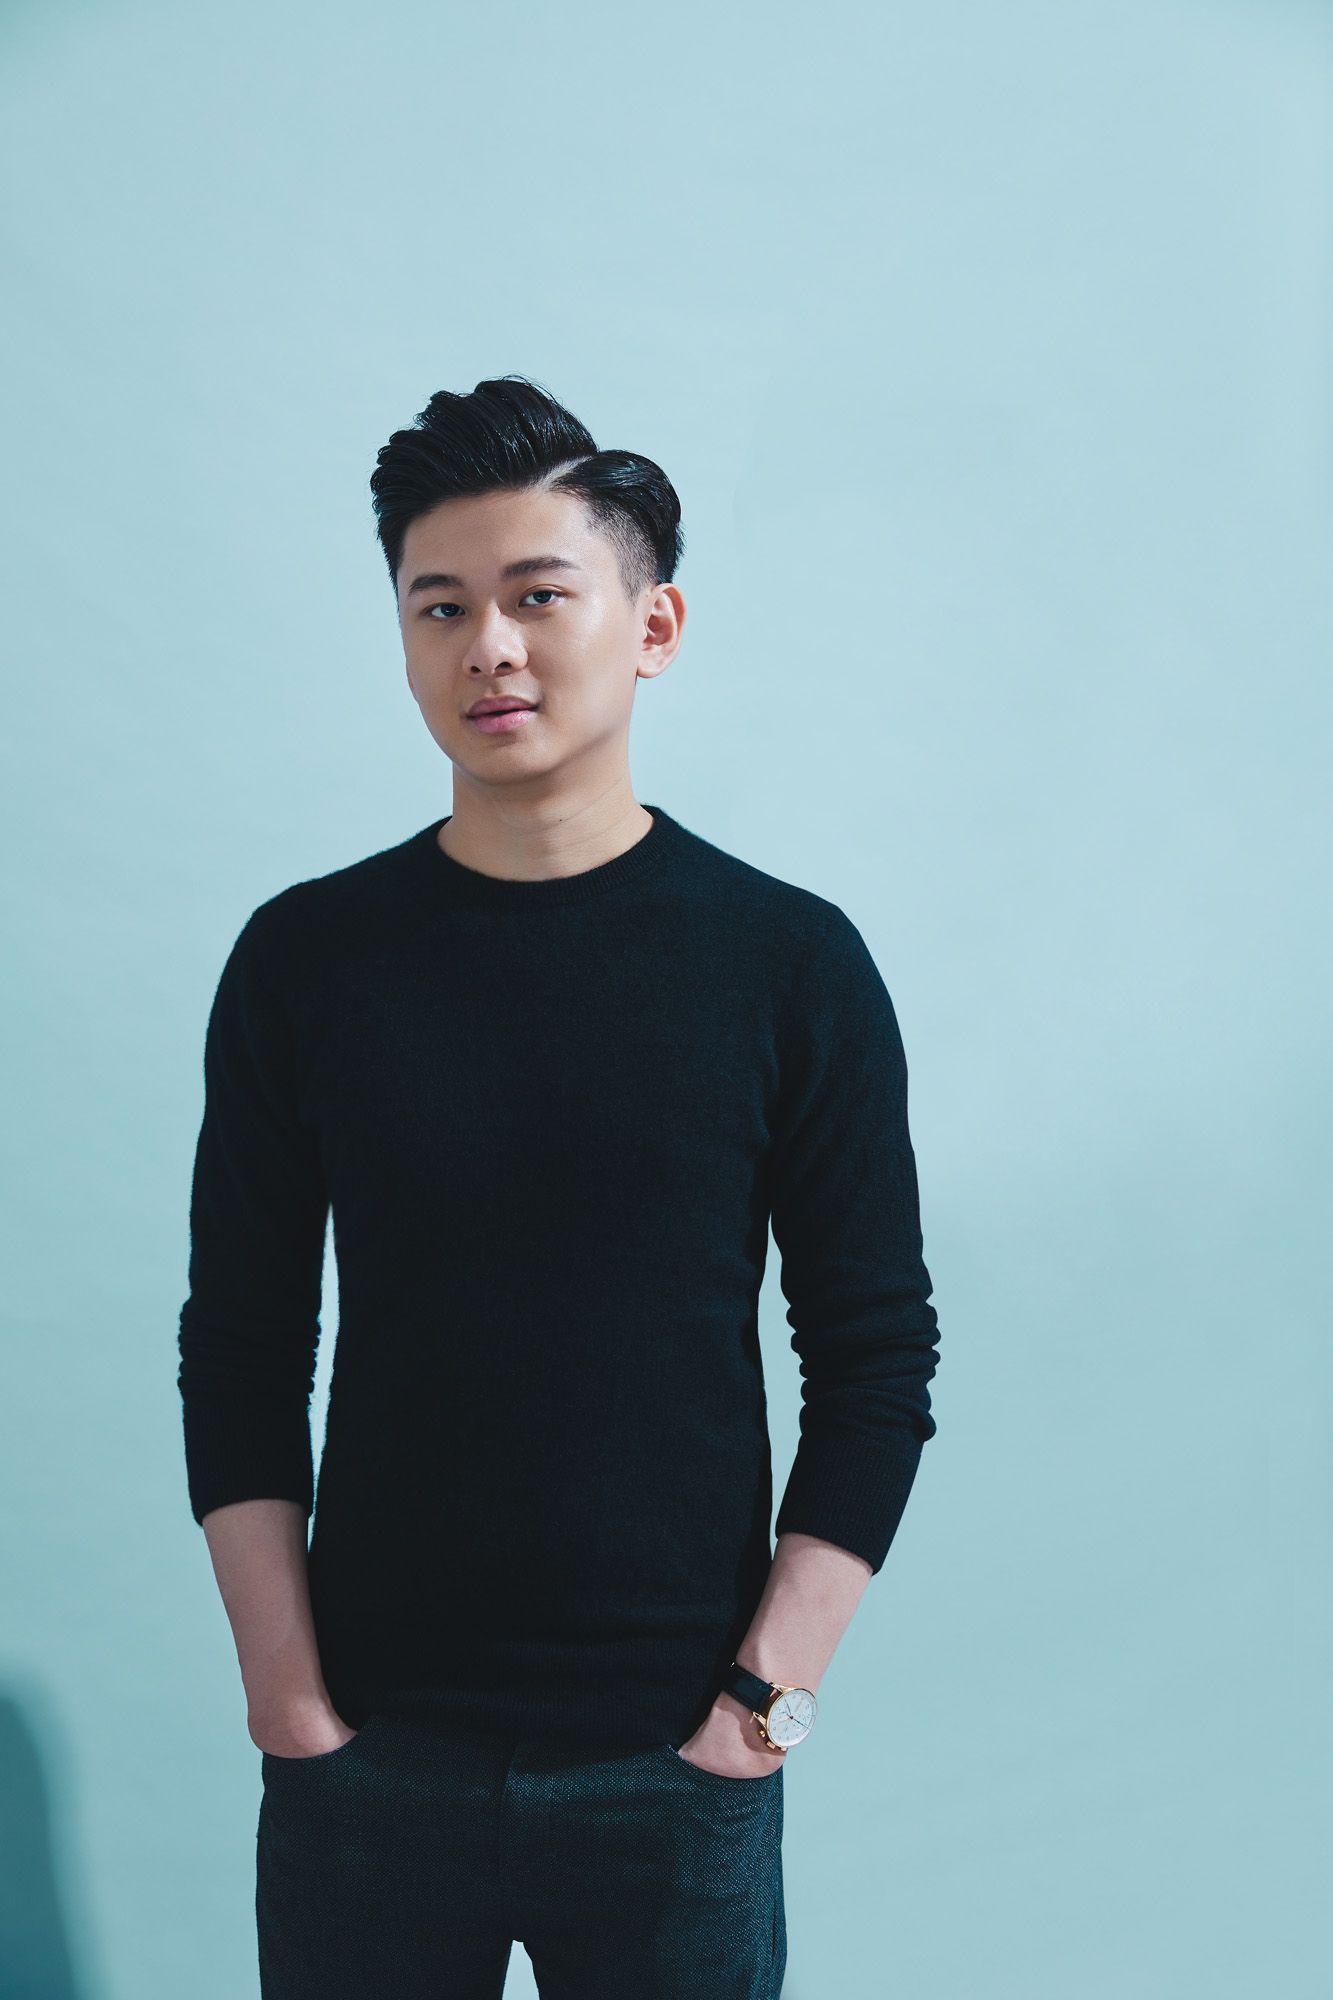 Ian Alexander Ang